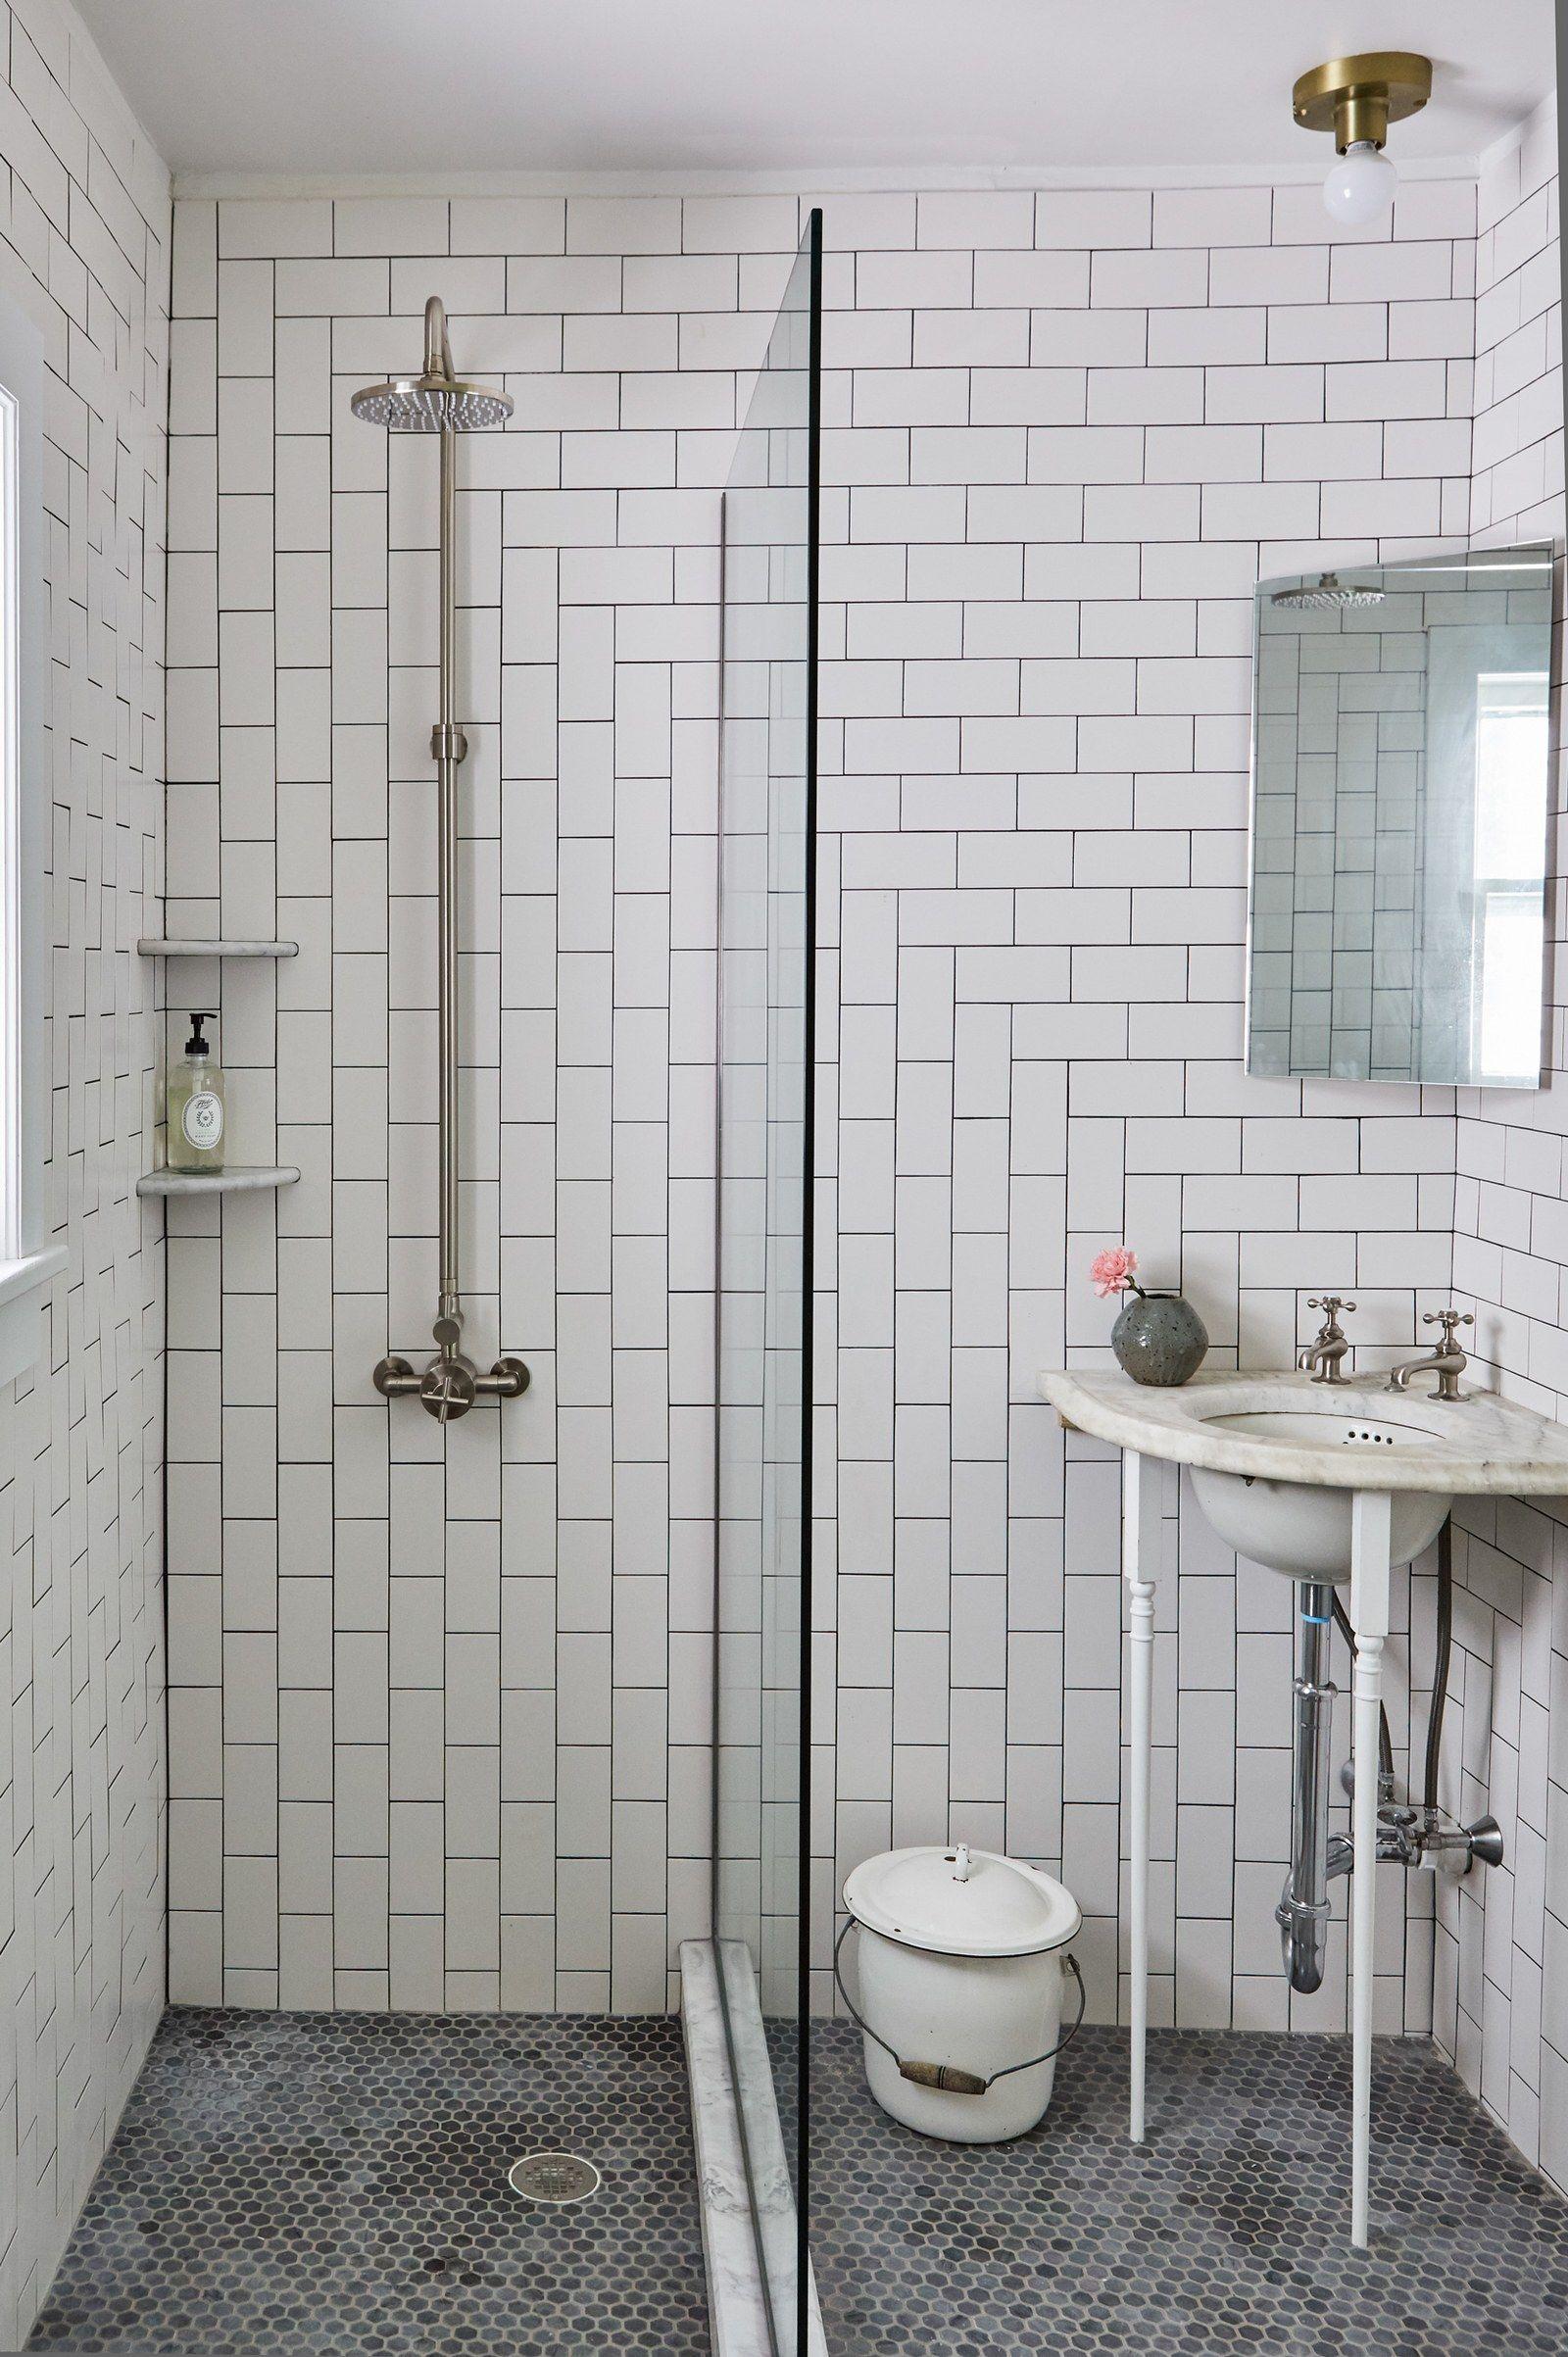 Tile Bathroom Floor Or Walls First